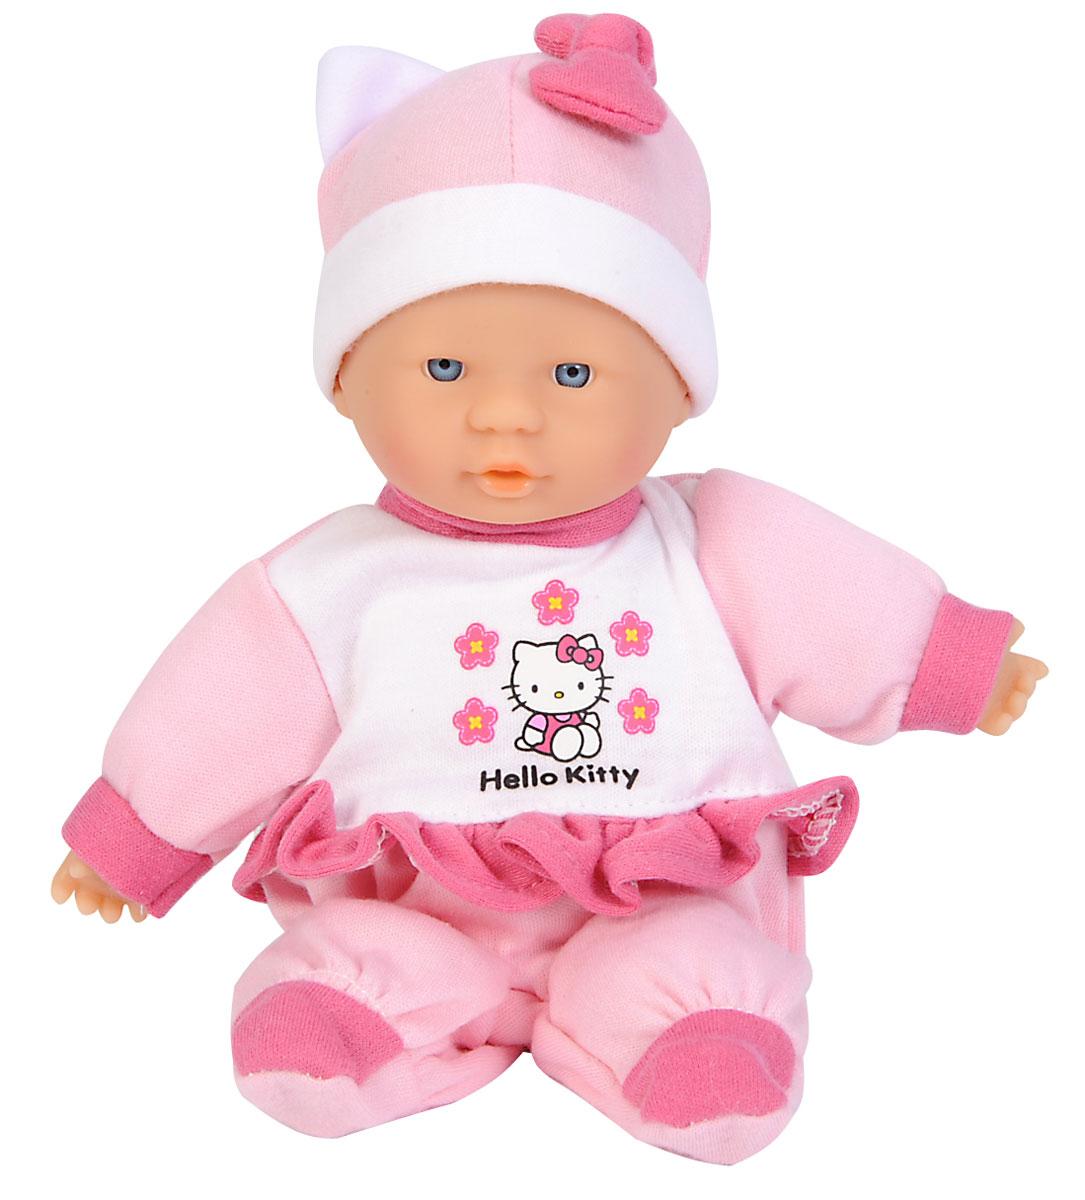 Simba Пупс Hello Kitty в розовом рюкзачке5016216_розовый рюкзакПупс Simba Hello Kitty непременно приведет в восторг вашу дочурку. Голова, ручки и ножки пупса выполнены из прочного пластика, а тело - мягконабивное. Очаровательный малыш одет в удобную кофточку, оформленную принтом с изображением кошечки Китти, а на голове у него - розовый чепчик из мягкого текстильного материала. Кукла упакована в удобный розовый рюкзачок с прозрачной передней стенкой, который вполне можно использовать в качестве отдельного аксессуара. Клапан рюкзачка оформлен объемной головой кошечки Китти и закрывается на застежку-липучку. Сзади рюкзак снабжен двумя удобными лямками и ручкой для переноски. Трогательный пупс принесет радость и подарит своей обладательнице мгновения нежных объятий. Игры с куклами способствуют эмоциональному развитию, помогают формировать воображение и художественный вкус, а также развивают в вашей малышке чувство ответственности и заботы. Великолепное качество исполнения делают эту куколку чудесным подарком к...